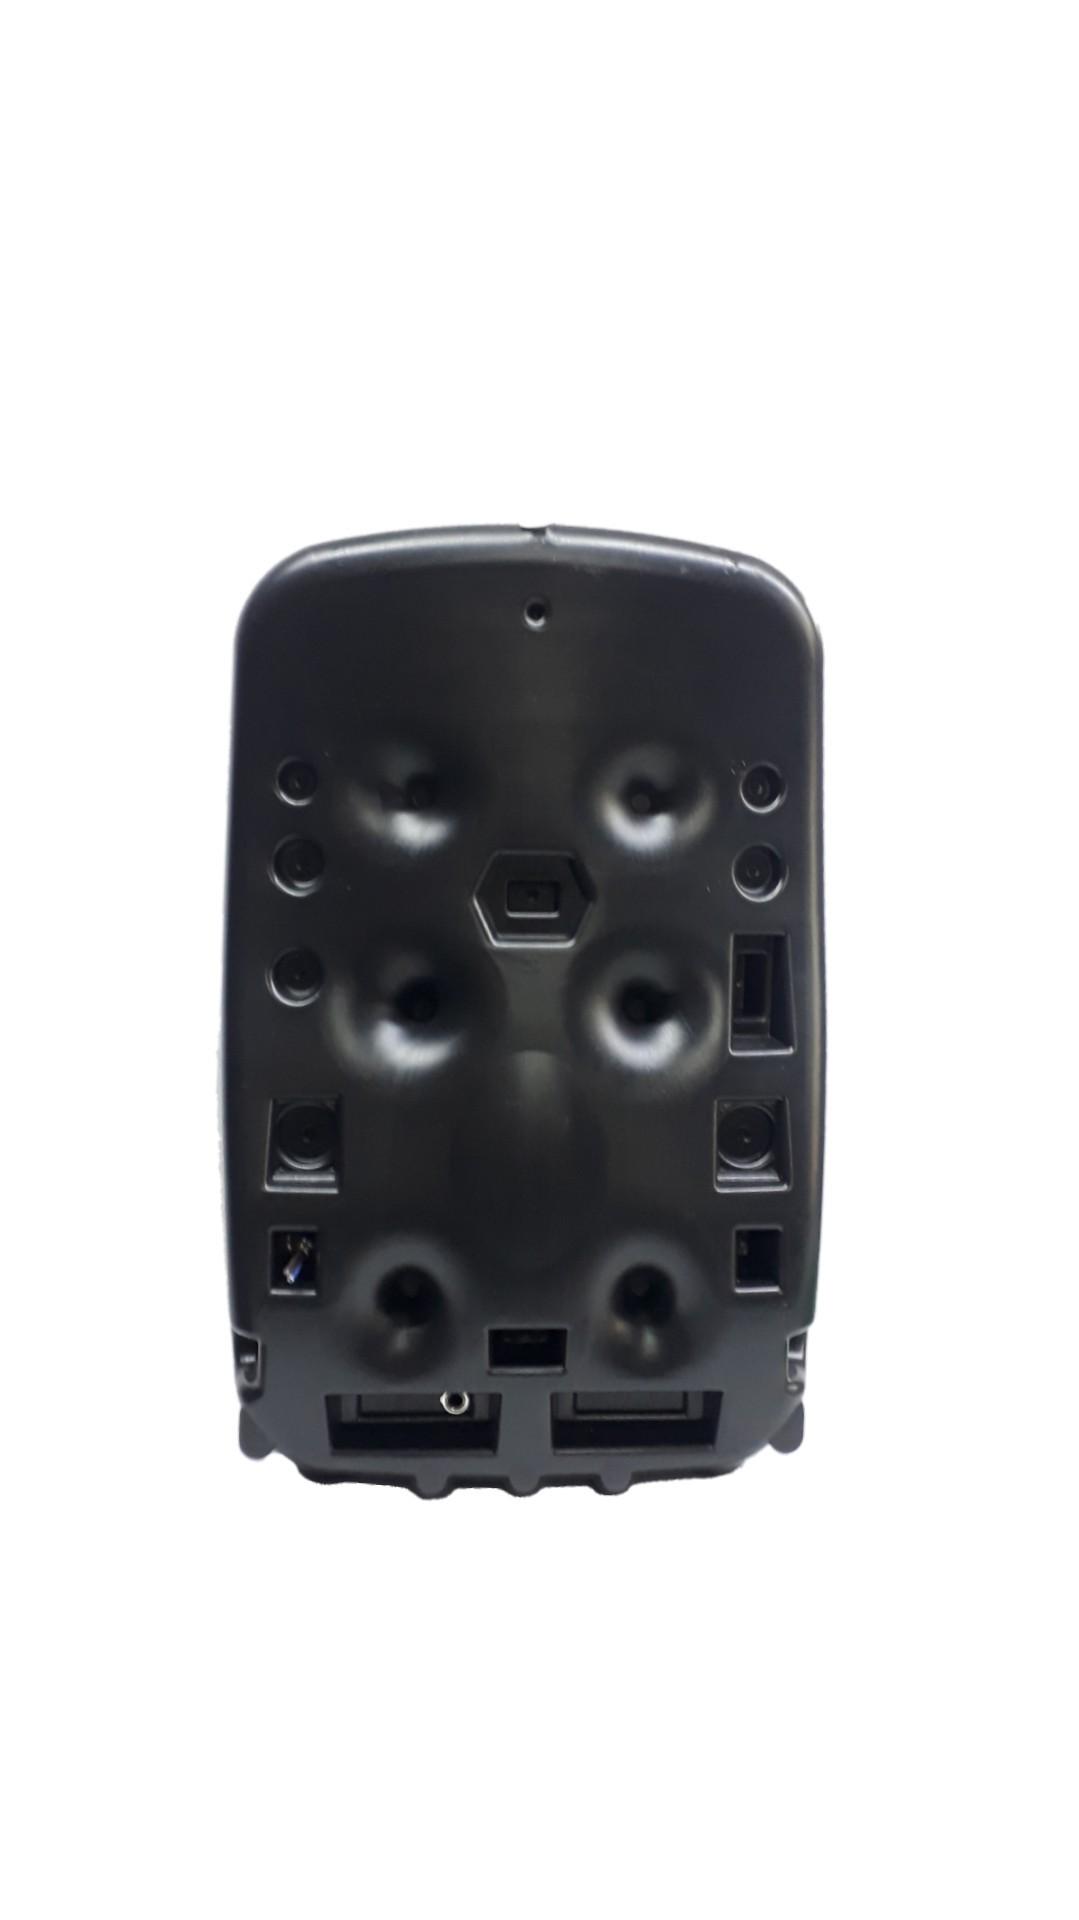 Caixa Acústica Supertech Mochila R50 Falante6 seco Passiva 70wref Preta